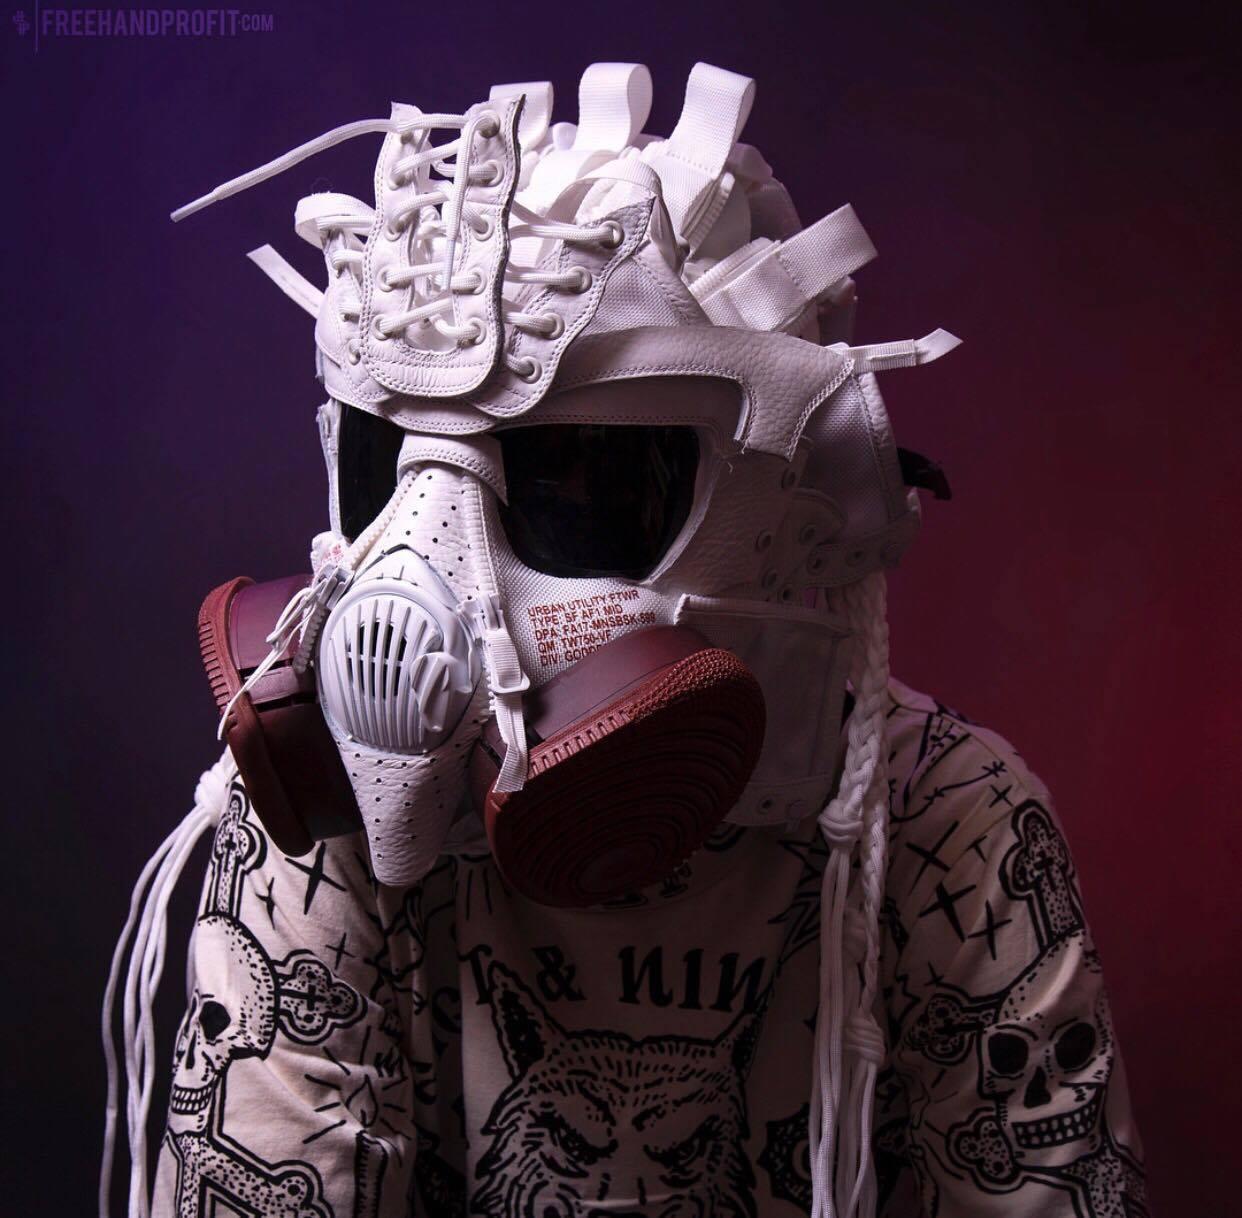 freehand profit SF-AF1 mid sneaker masks 3